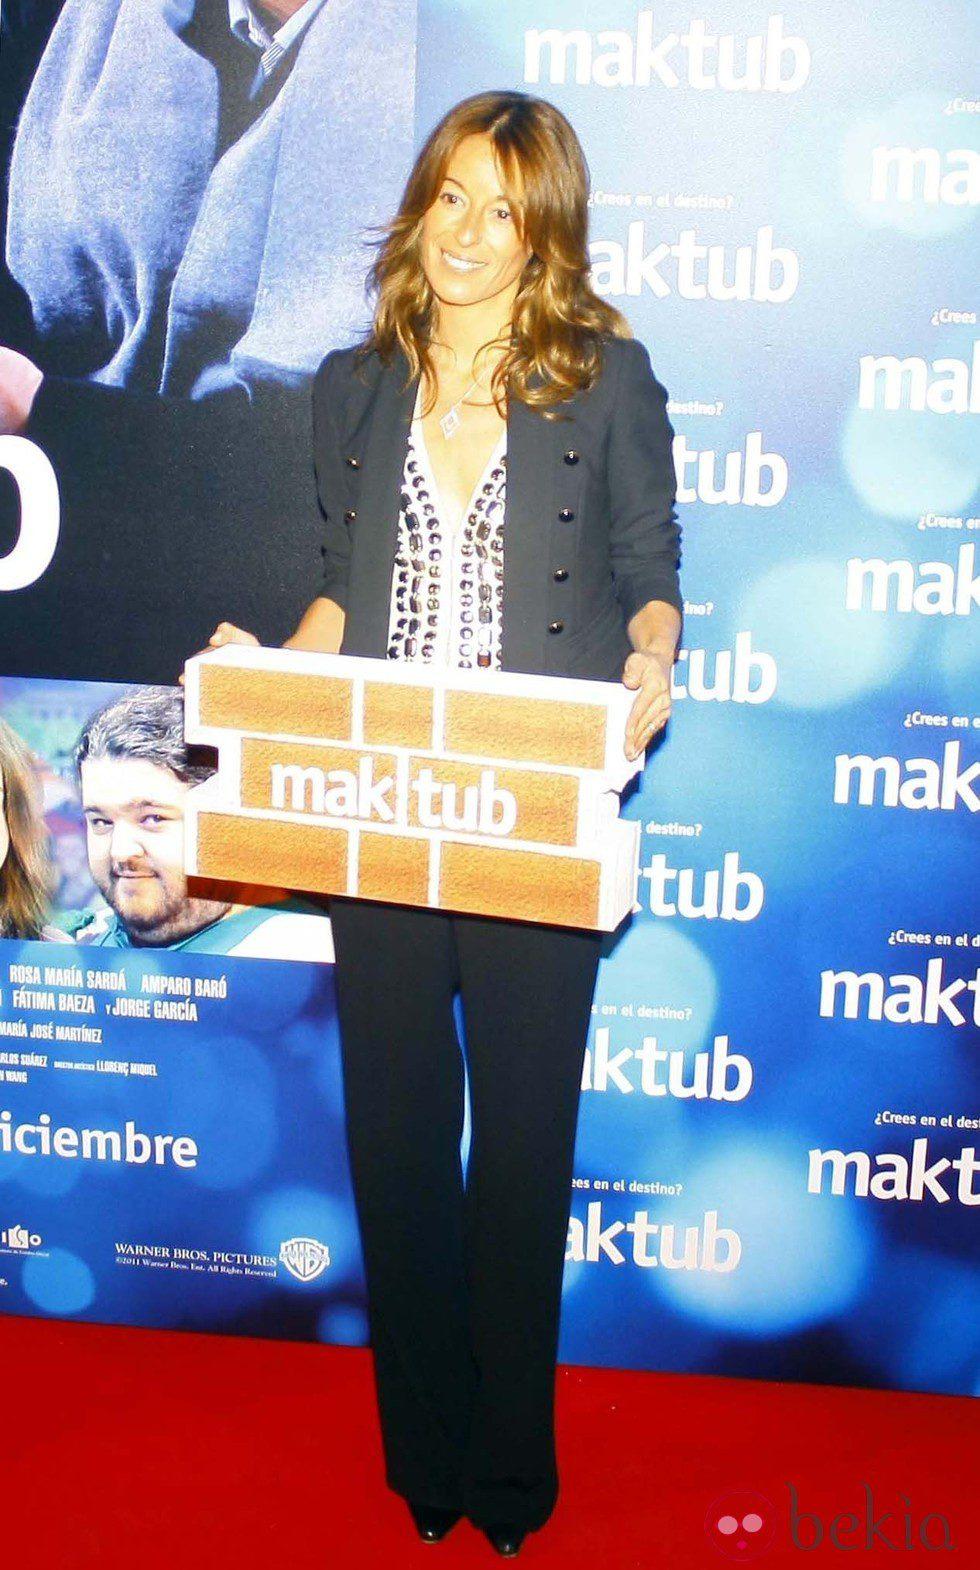 Mónica Martín Luque en el estreno de 'Maktub'